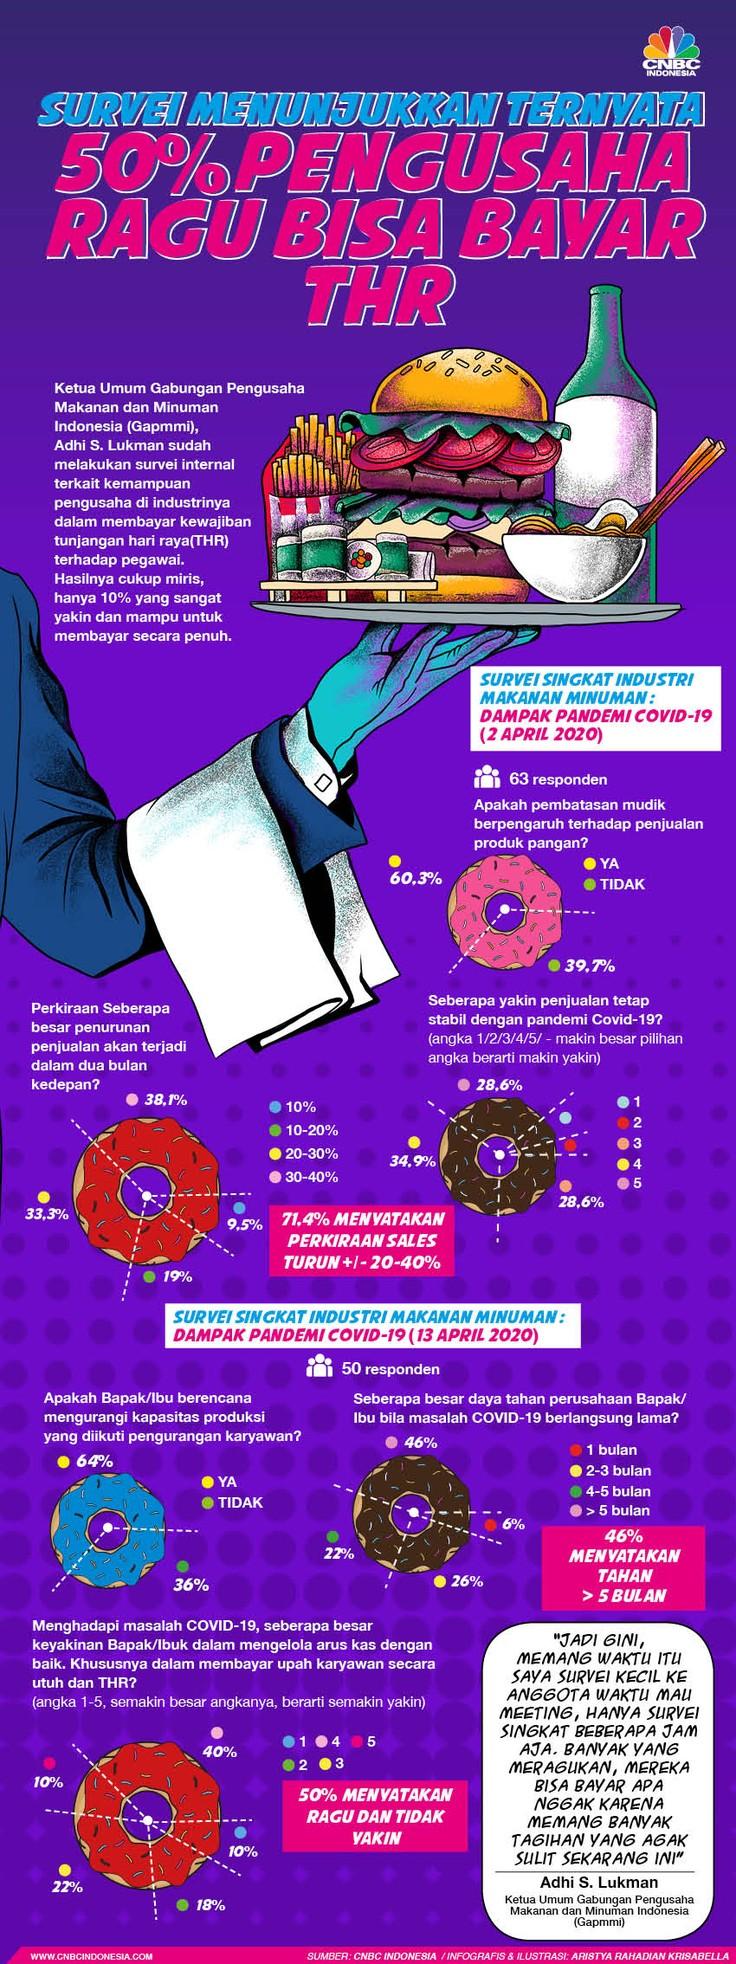 Infografis/survei menunjukkan Ternyata 50%Pengusaha Ragu Bisa Bayar THR/Aristya Rahadian Krisabella